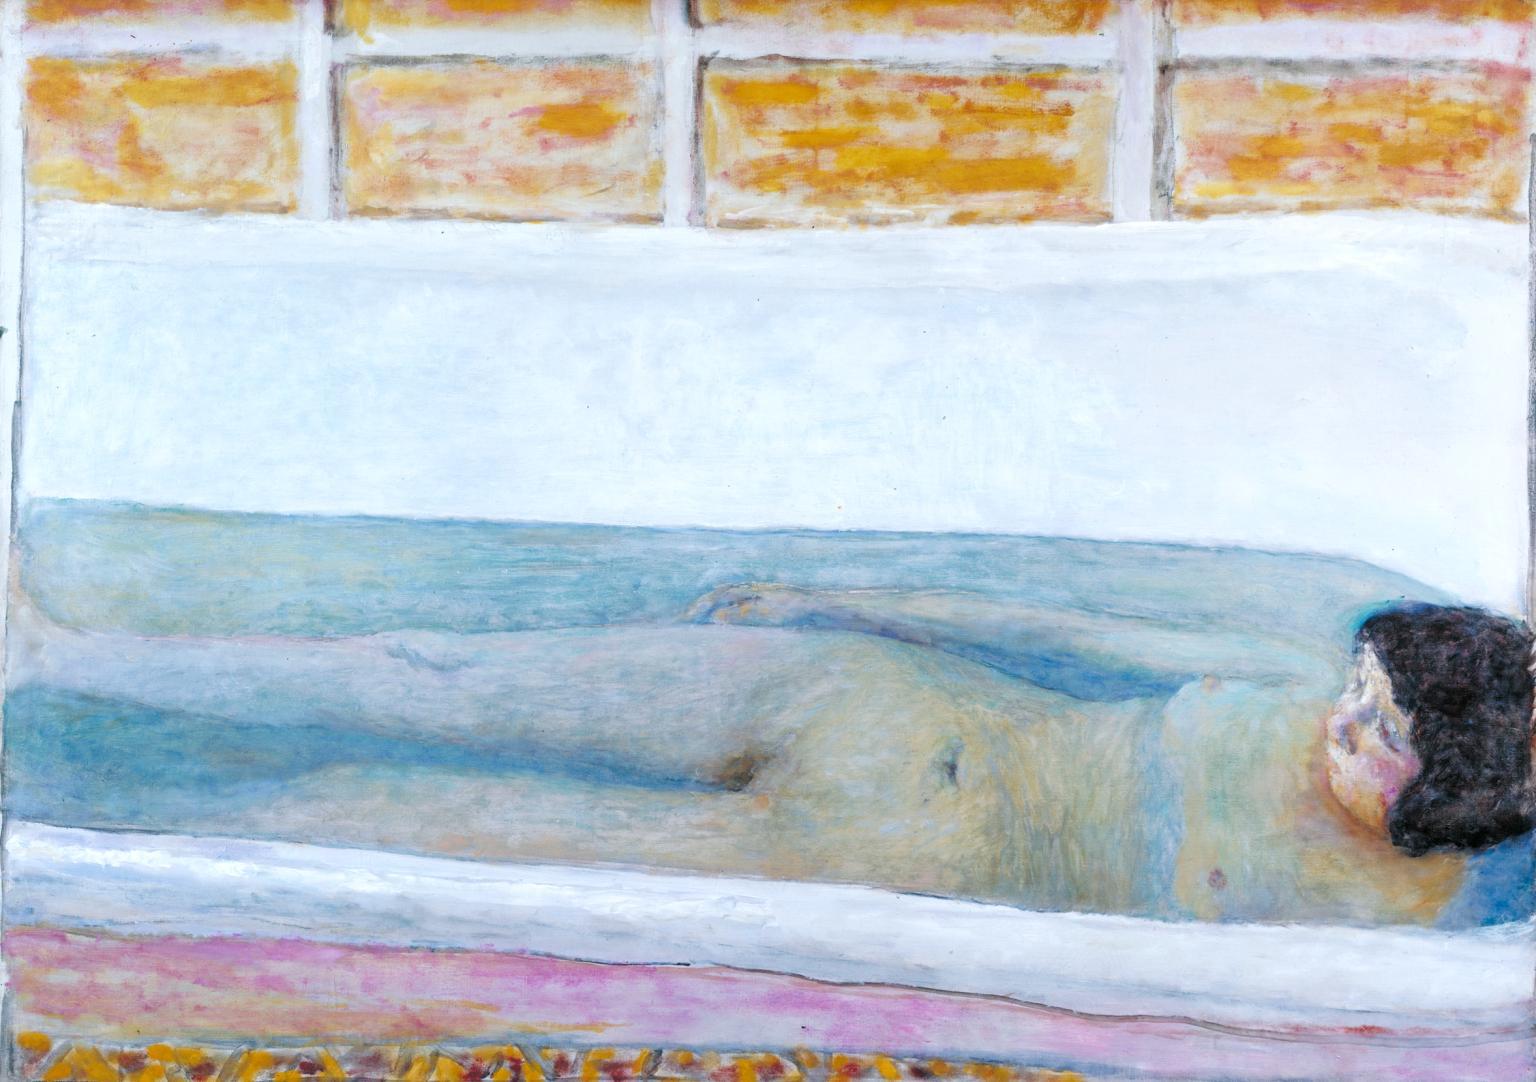 Bonnard, In the bath, 1925.